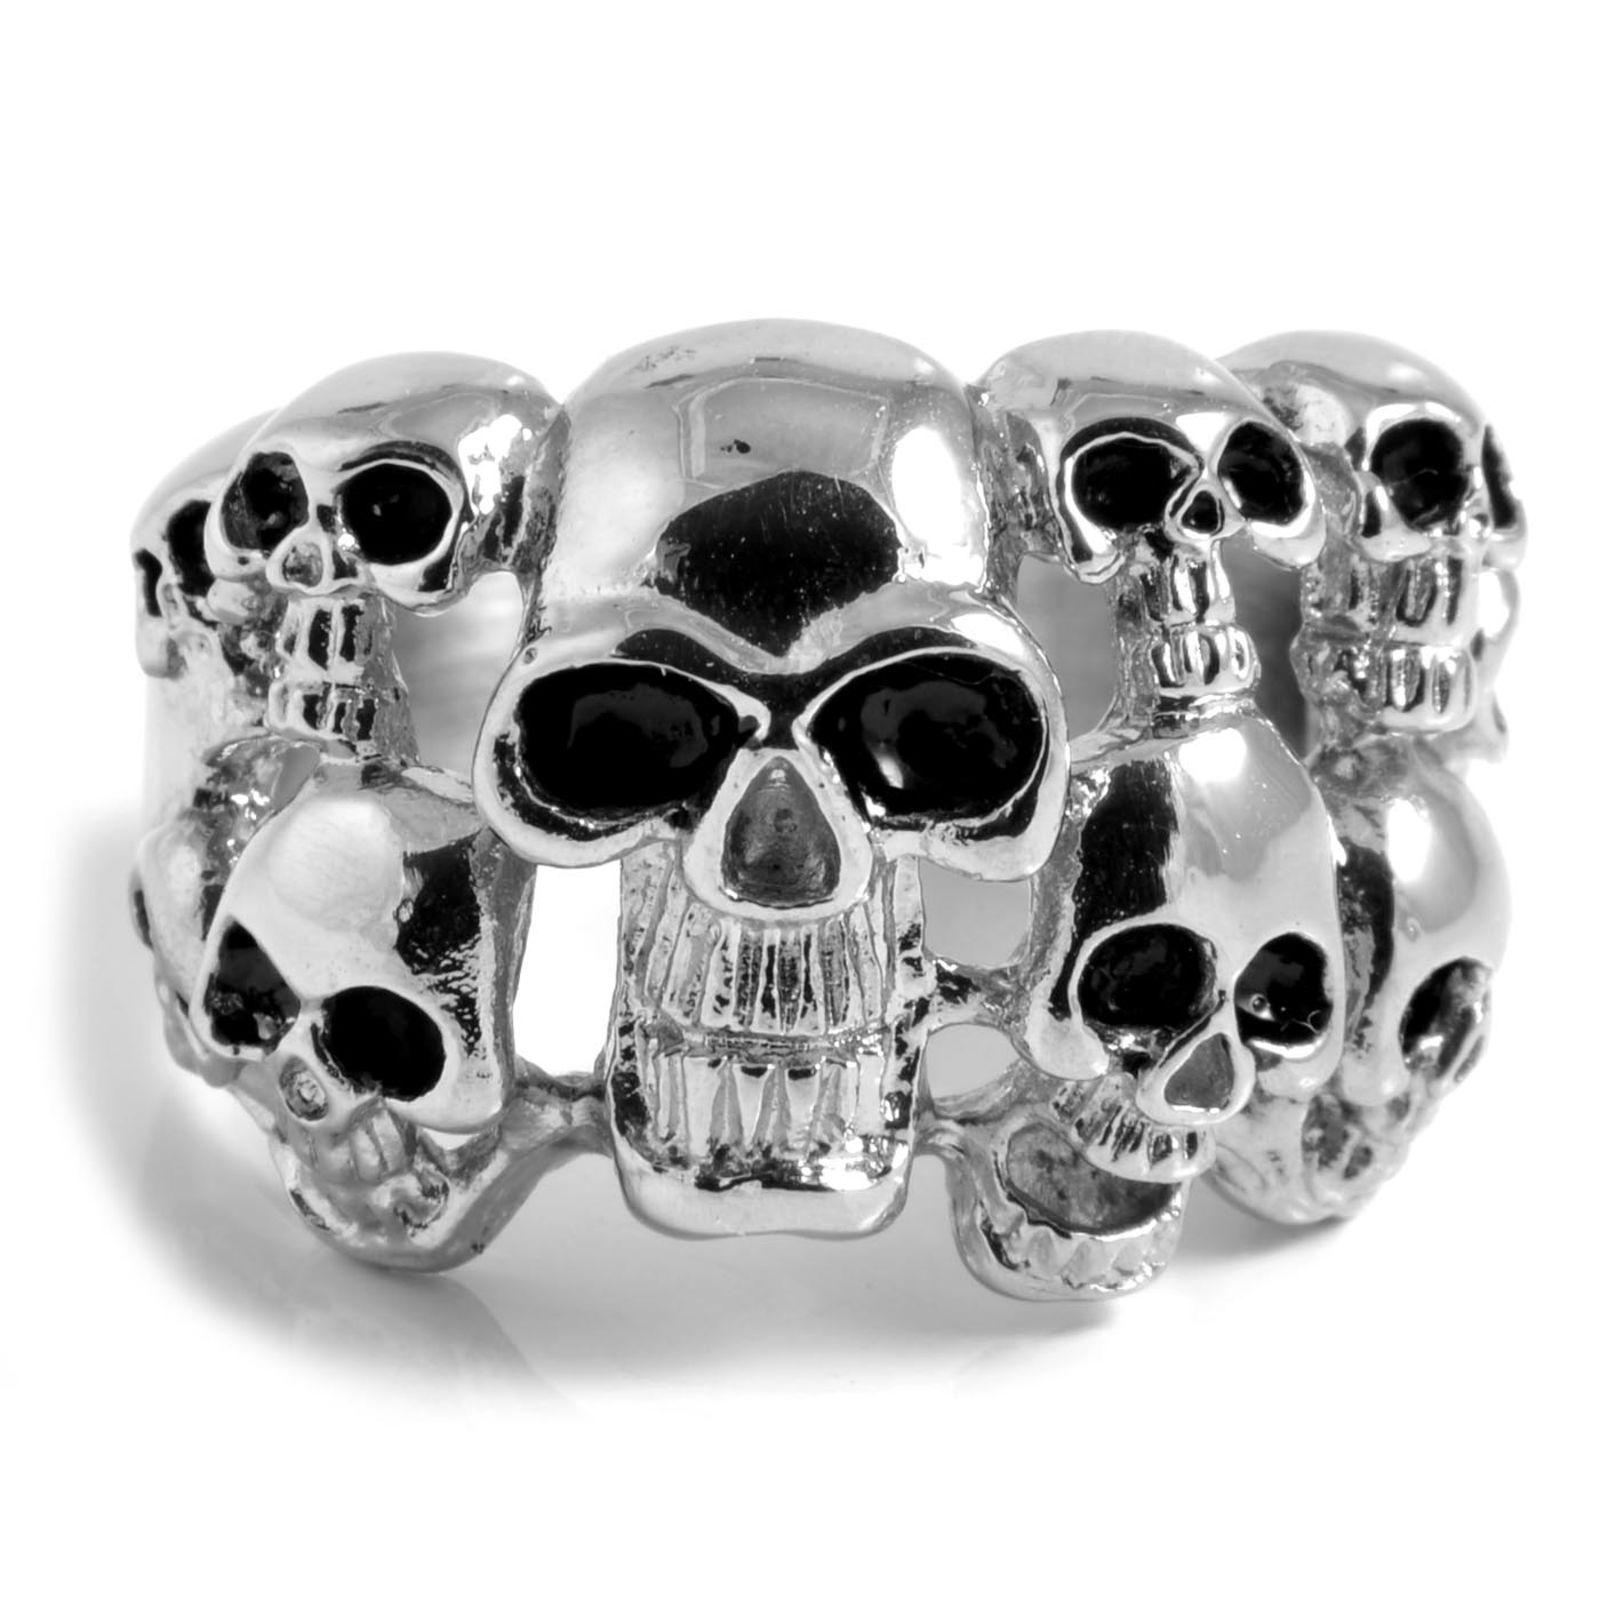 Ατσαλένιο Δαχτυλίδι Multi Skeleton Skull  c0d93eff2e1